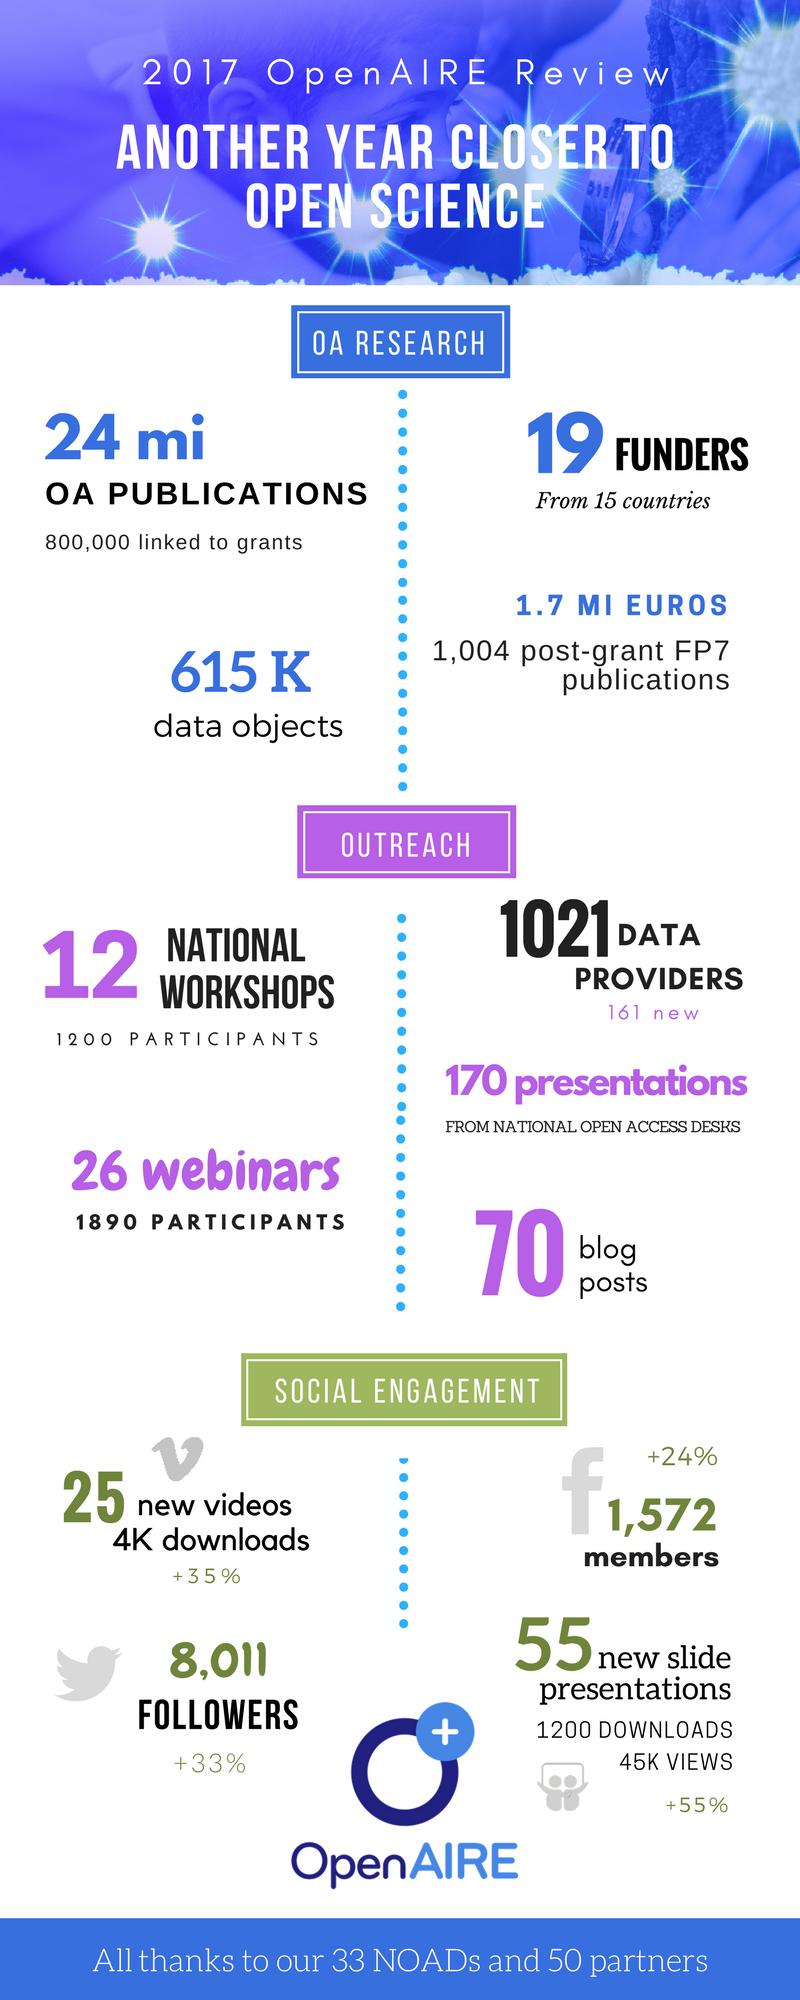 OpenAIRE 2017 infographic